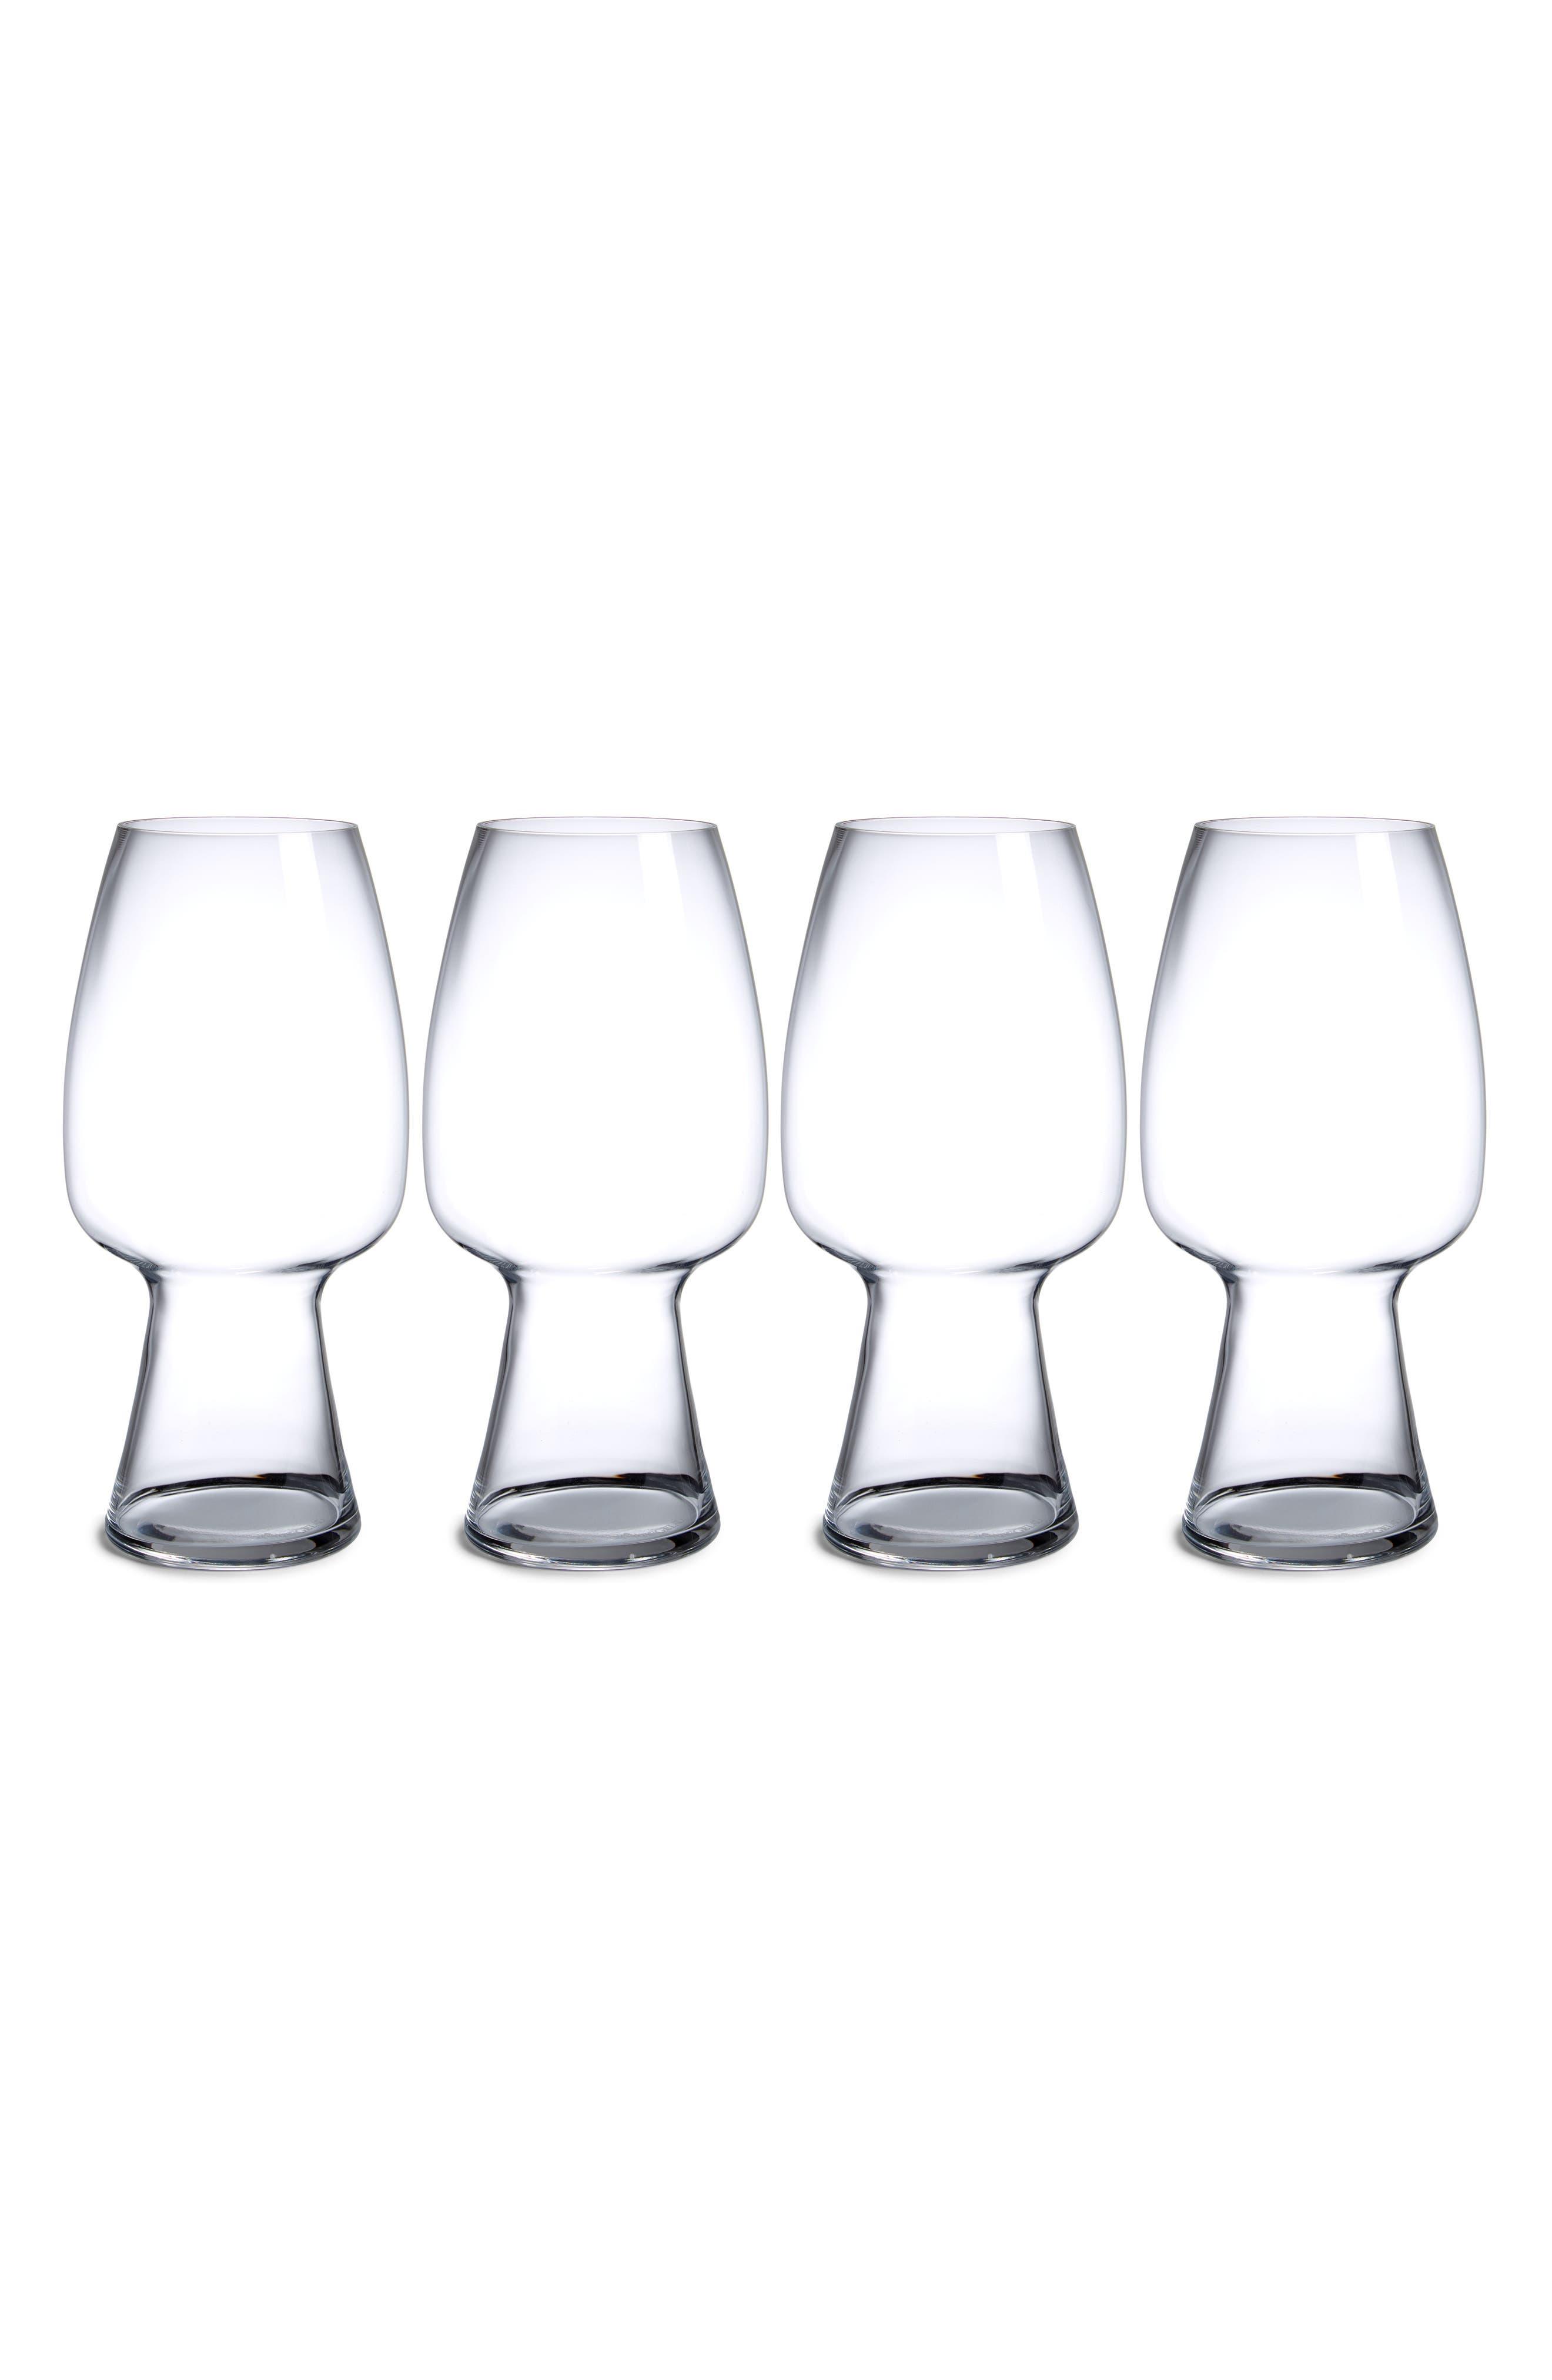 Set of 4 Stout Glasses,                         Main,                         color, 100